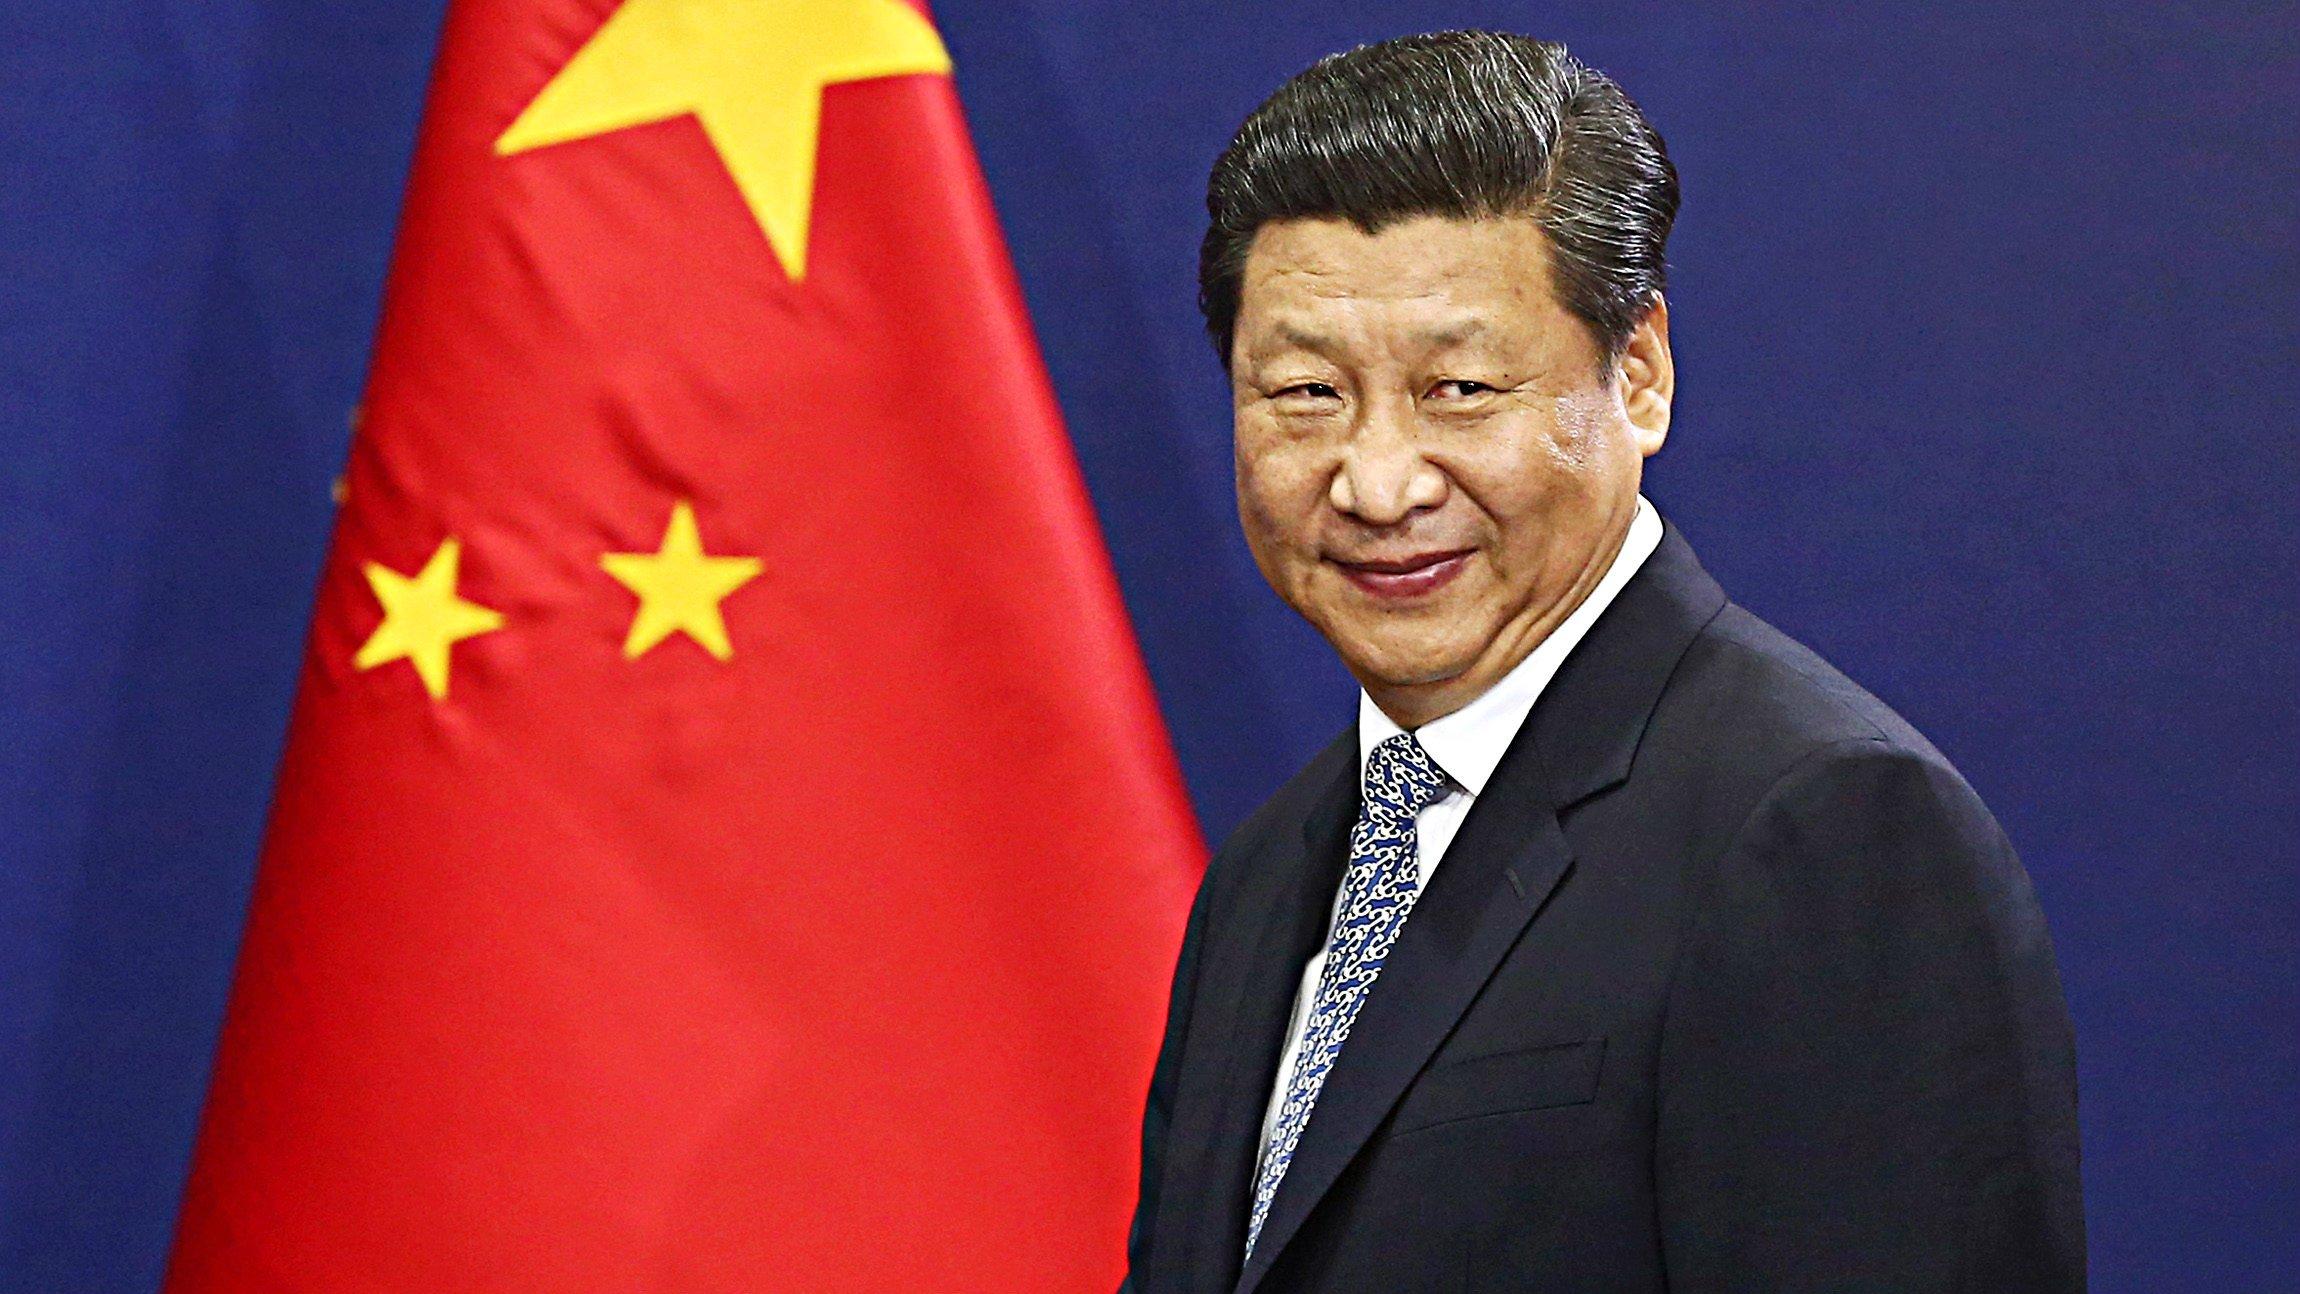 Chiến dịch chống tham nhũng của Trung Quốc có bước ngoặt lớn 1